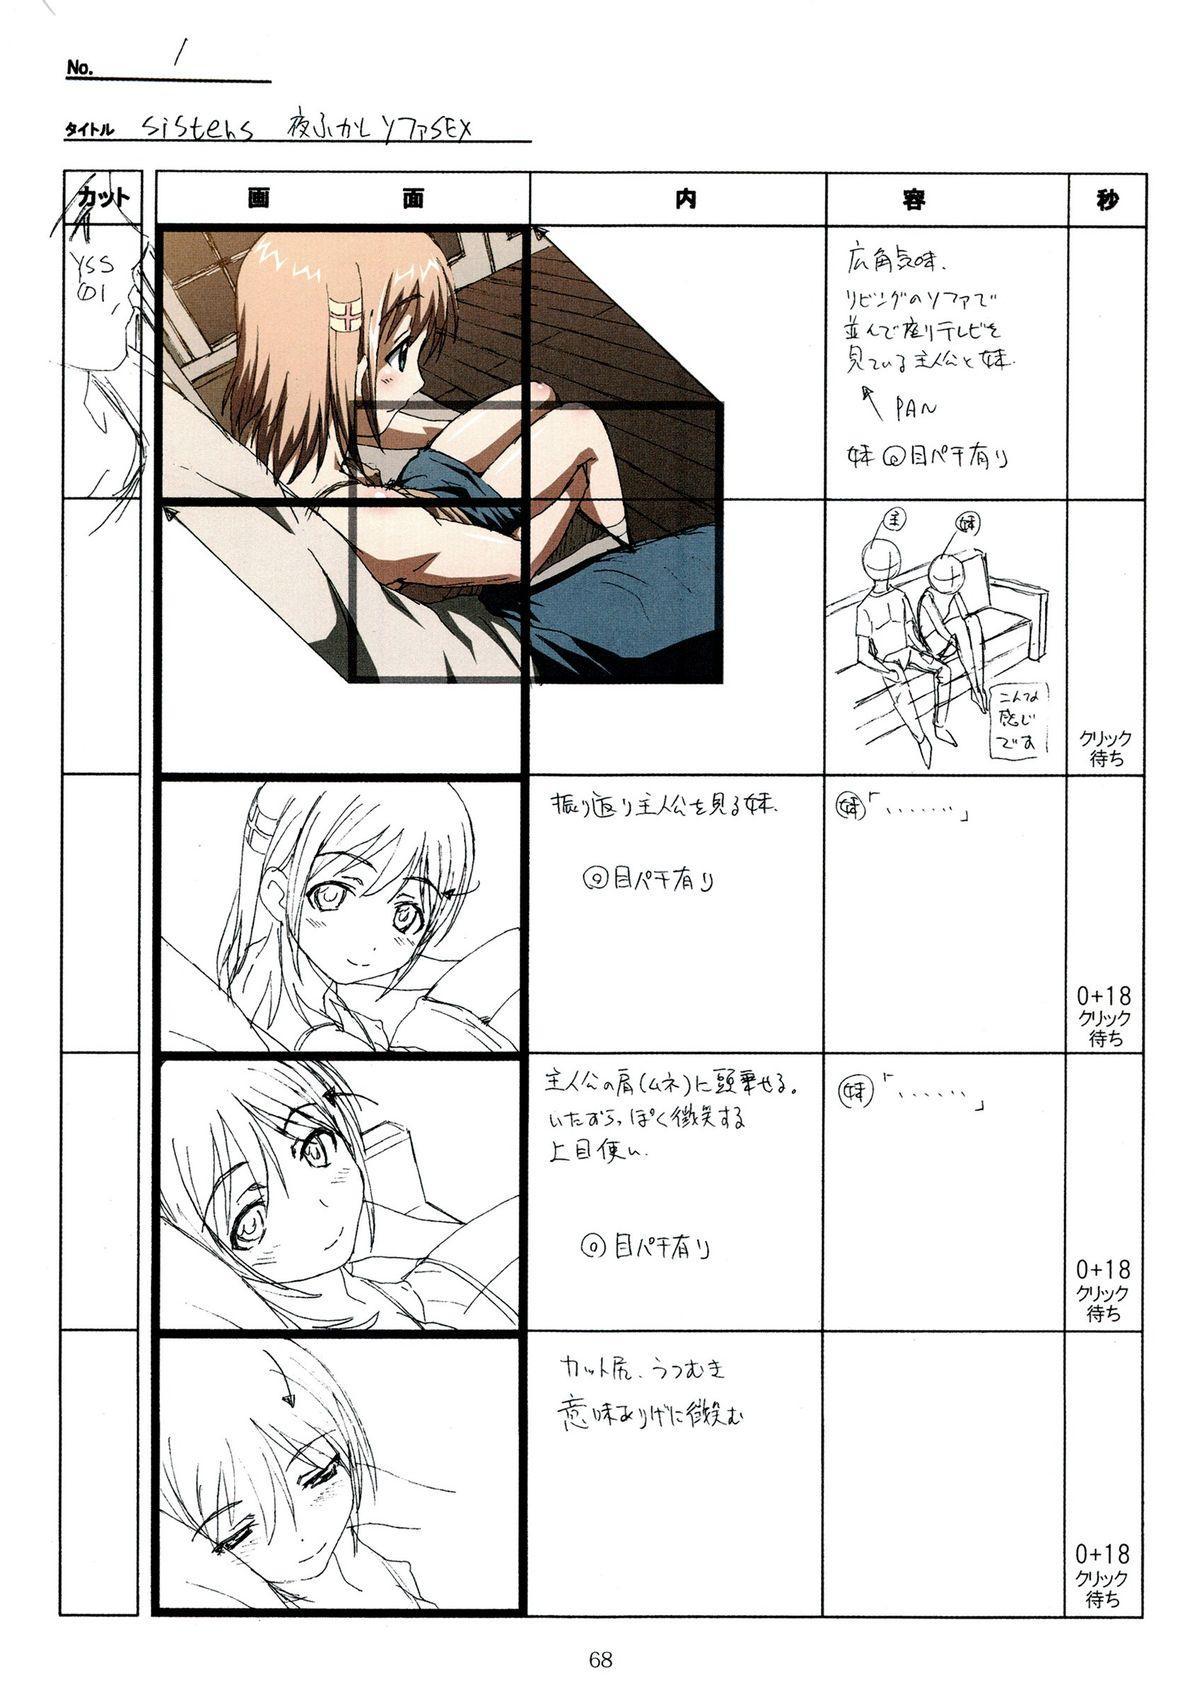 (C89) [Makino Jimusho (Taki Minashika)] SISTERS -Natsu no Saigo no Hi- H Scene All Part Storyboard (SISTERS -Natsu no Saigo no Hi-) 67